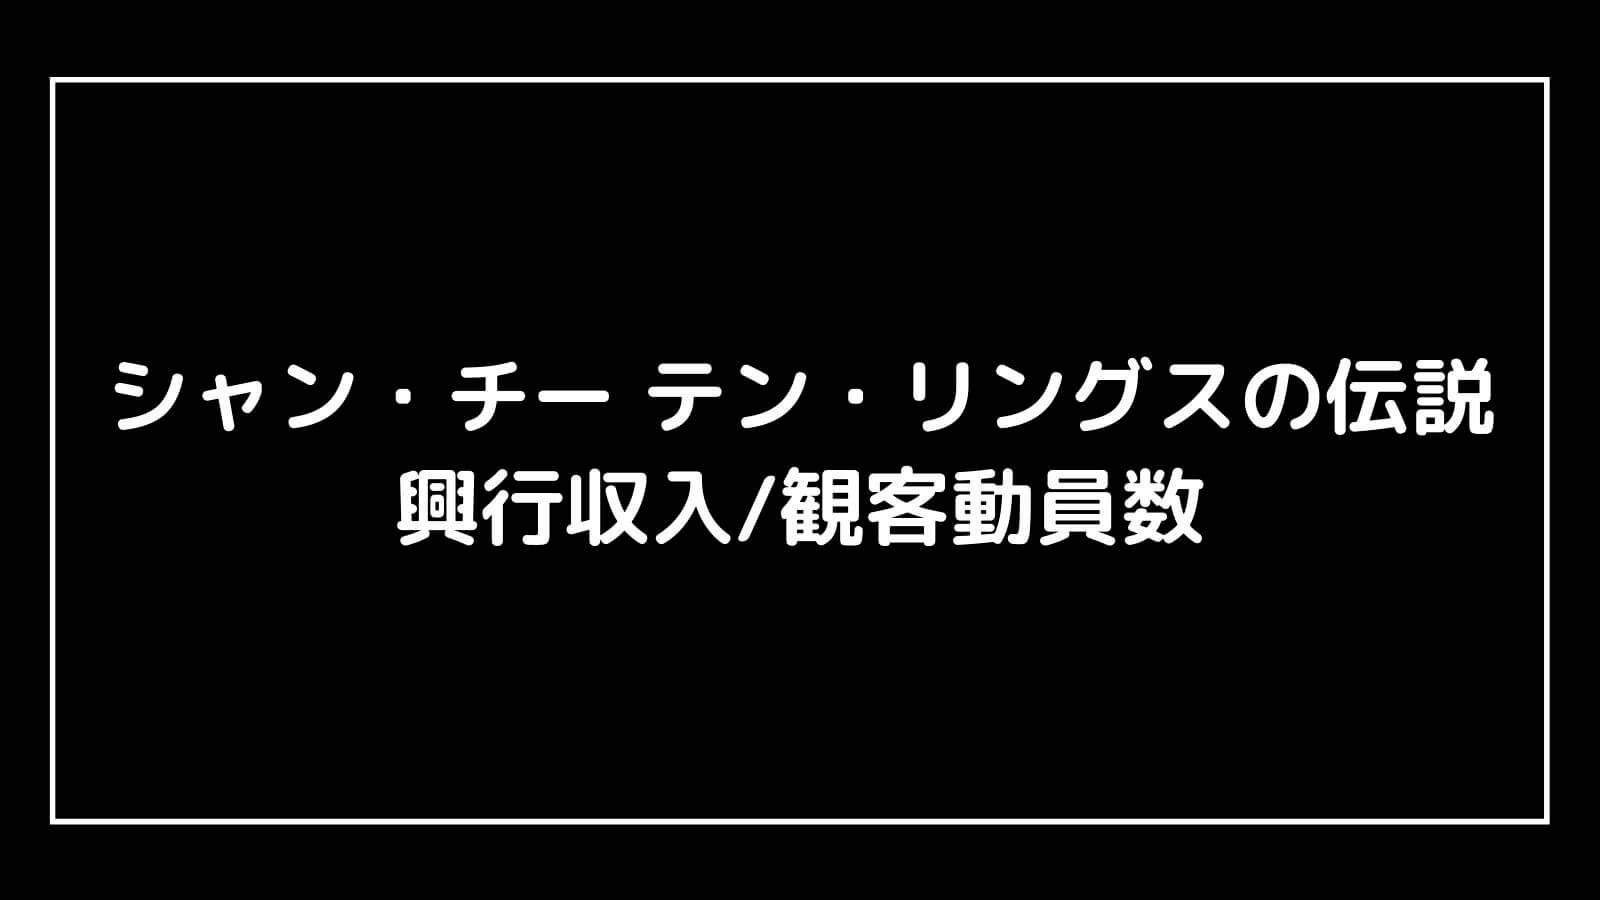 映画『シャン・チー テン・リングスの伝説』興行収入推移と最終興収を元映画館社員が予想